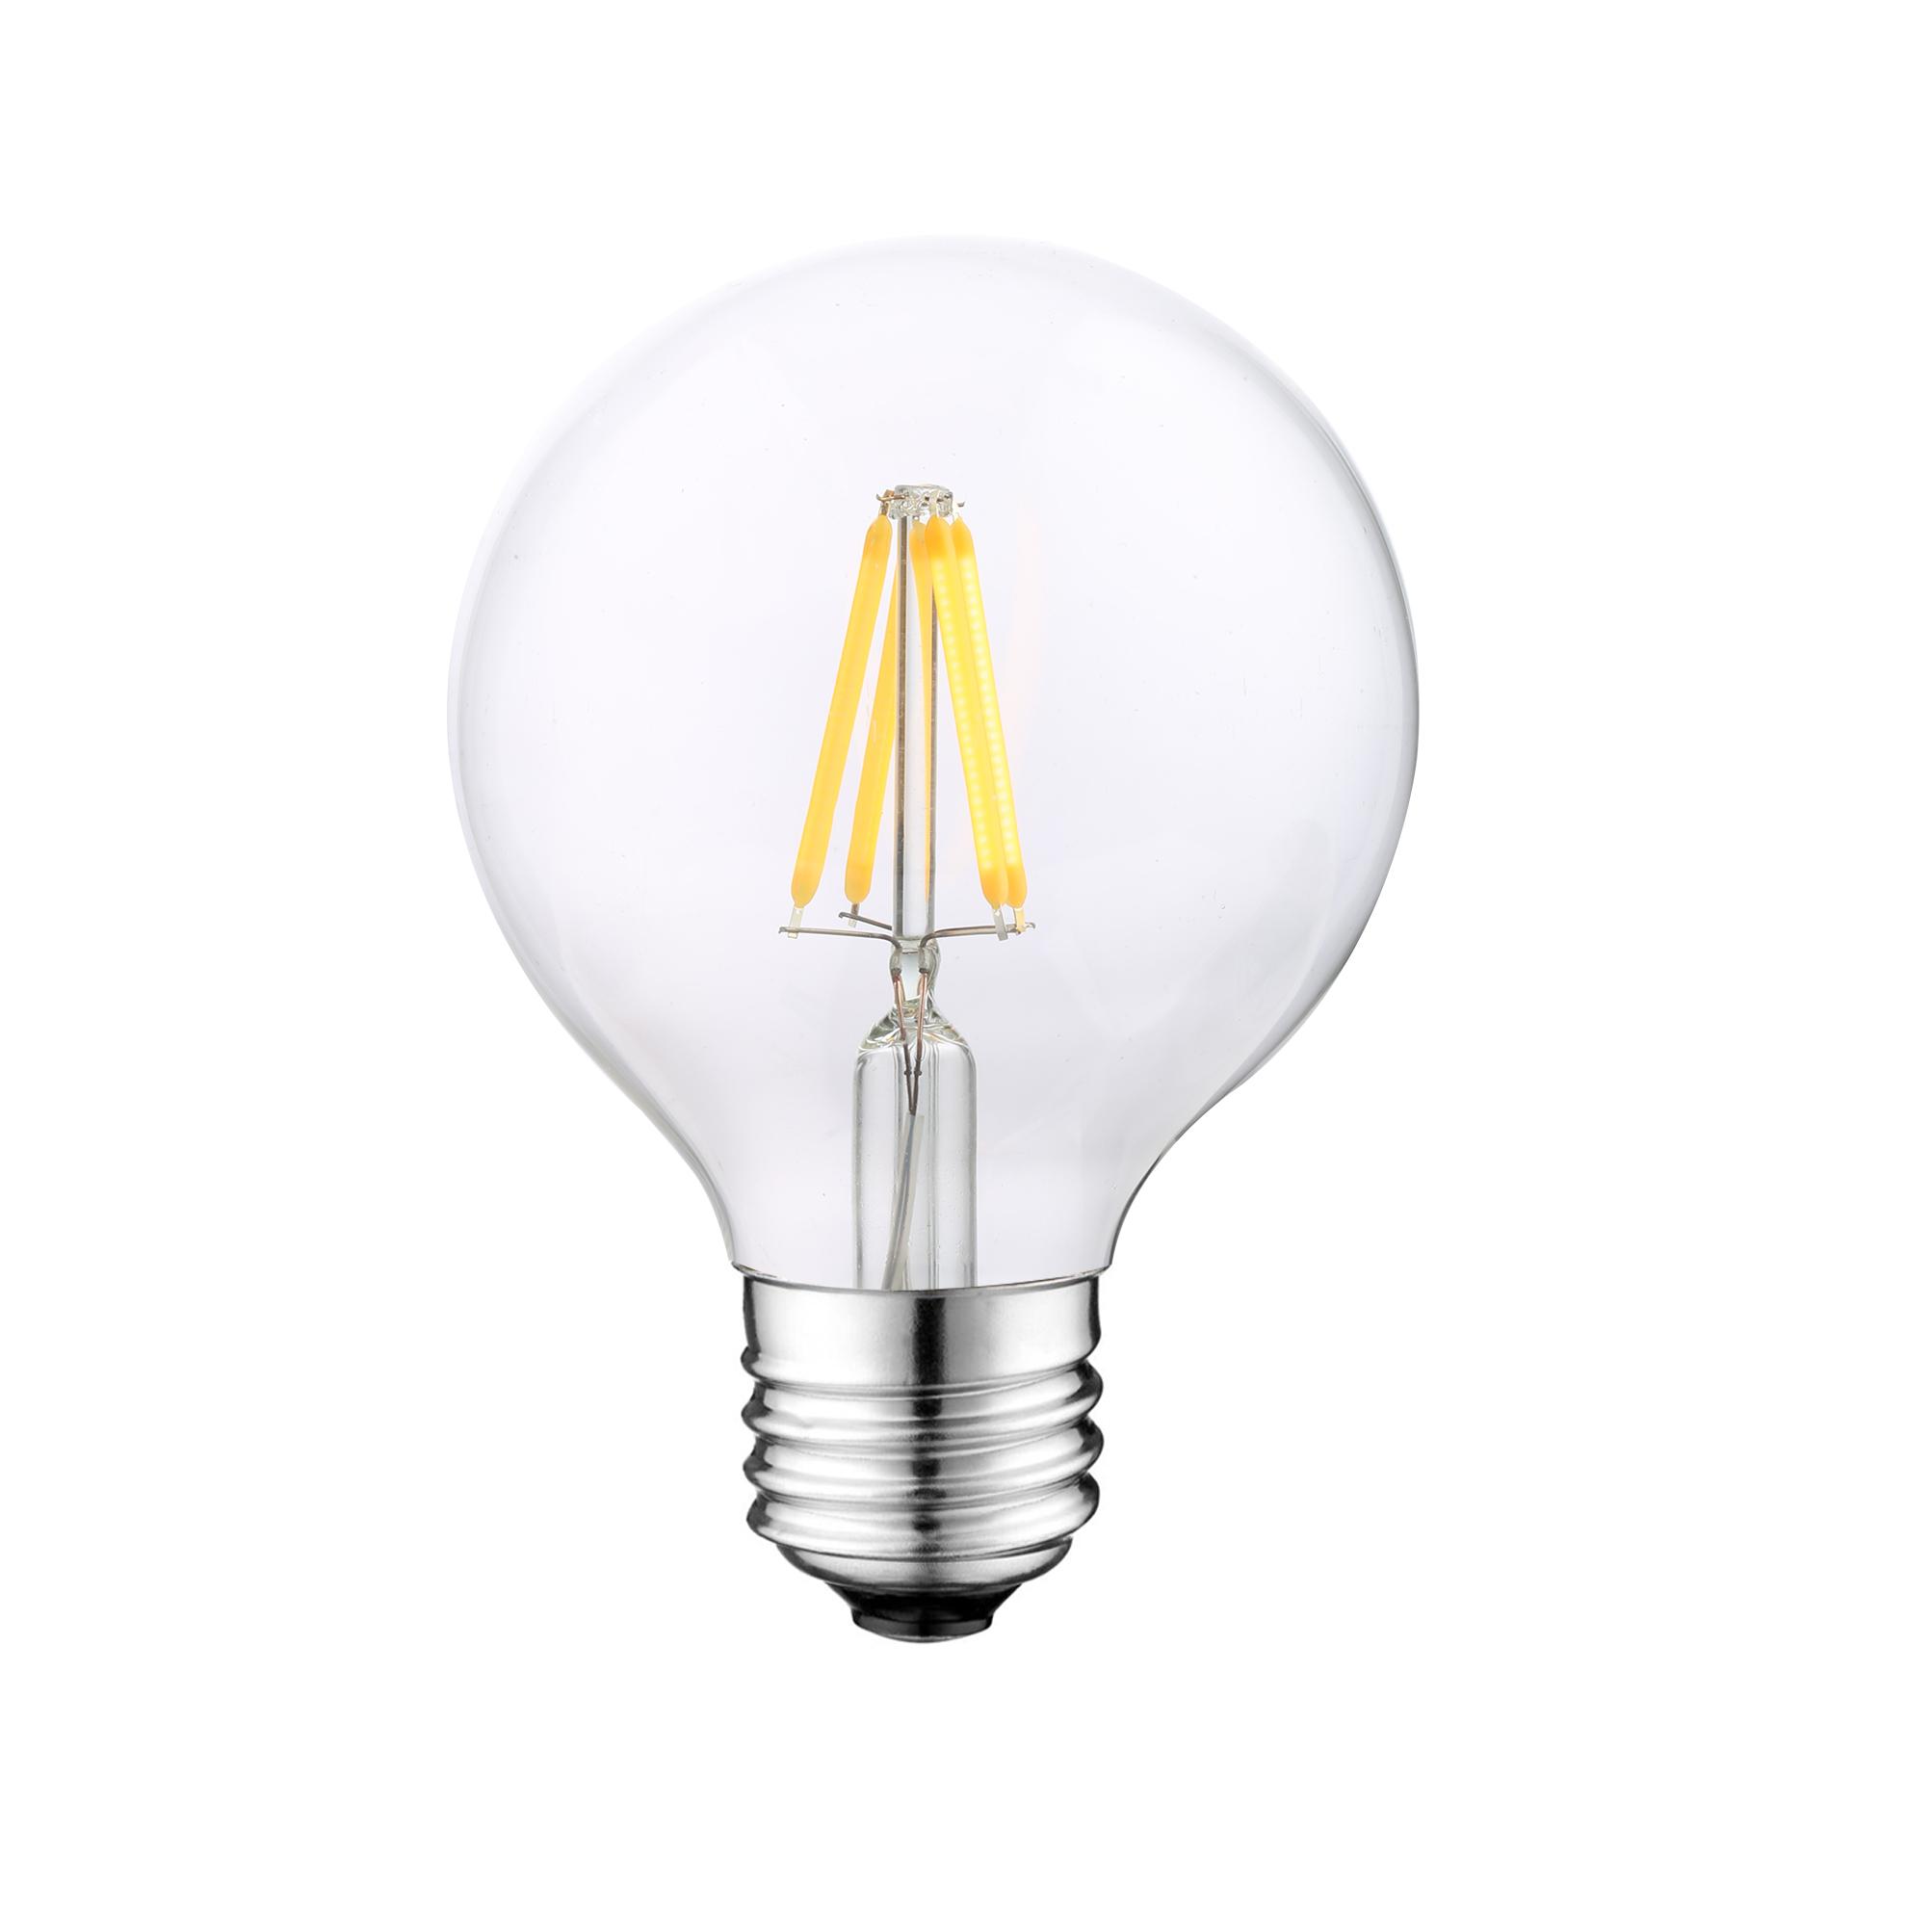 UL G25 LED Globe Filament bulb